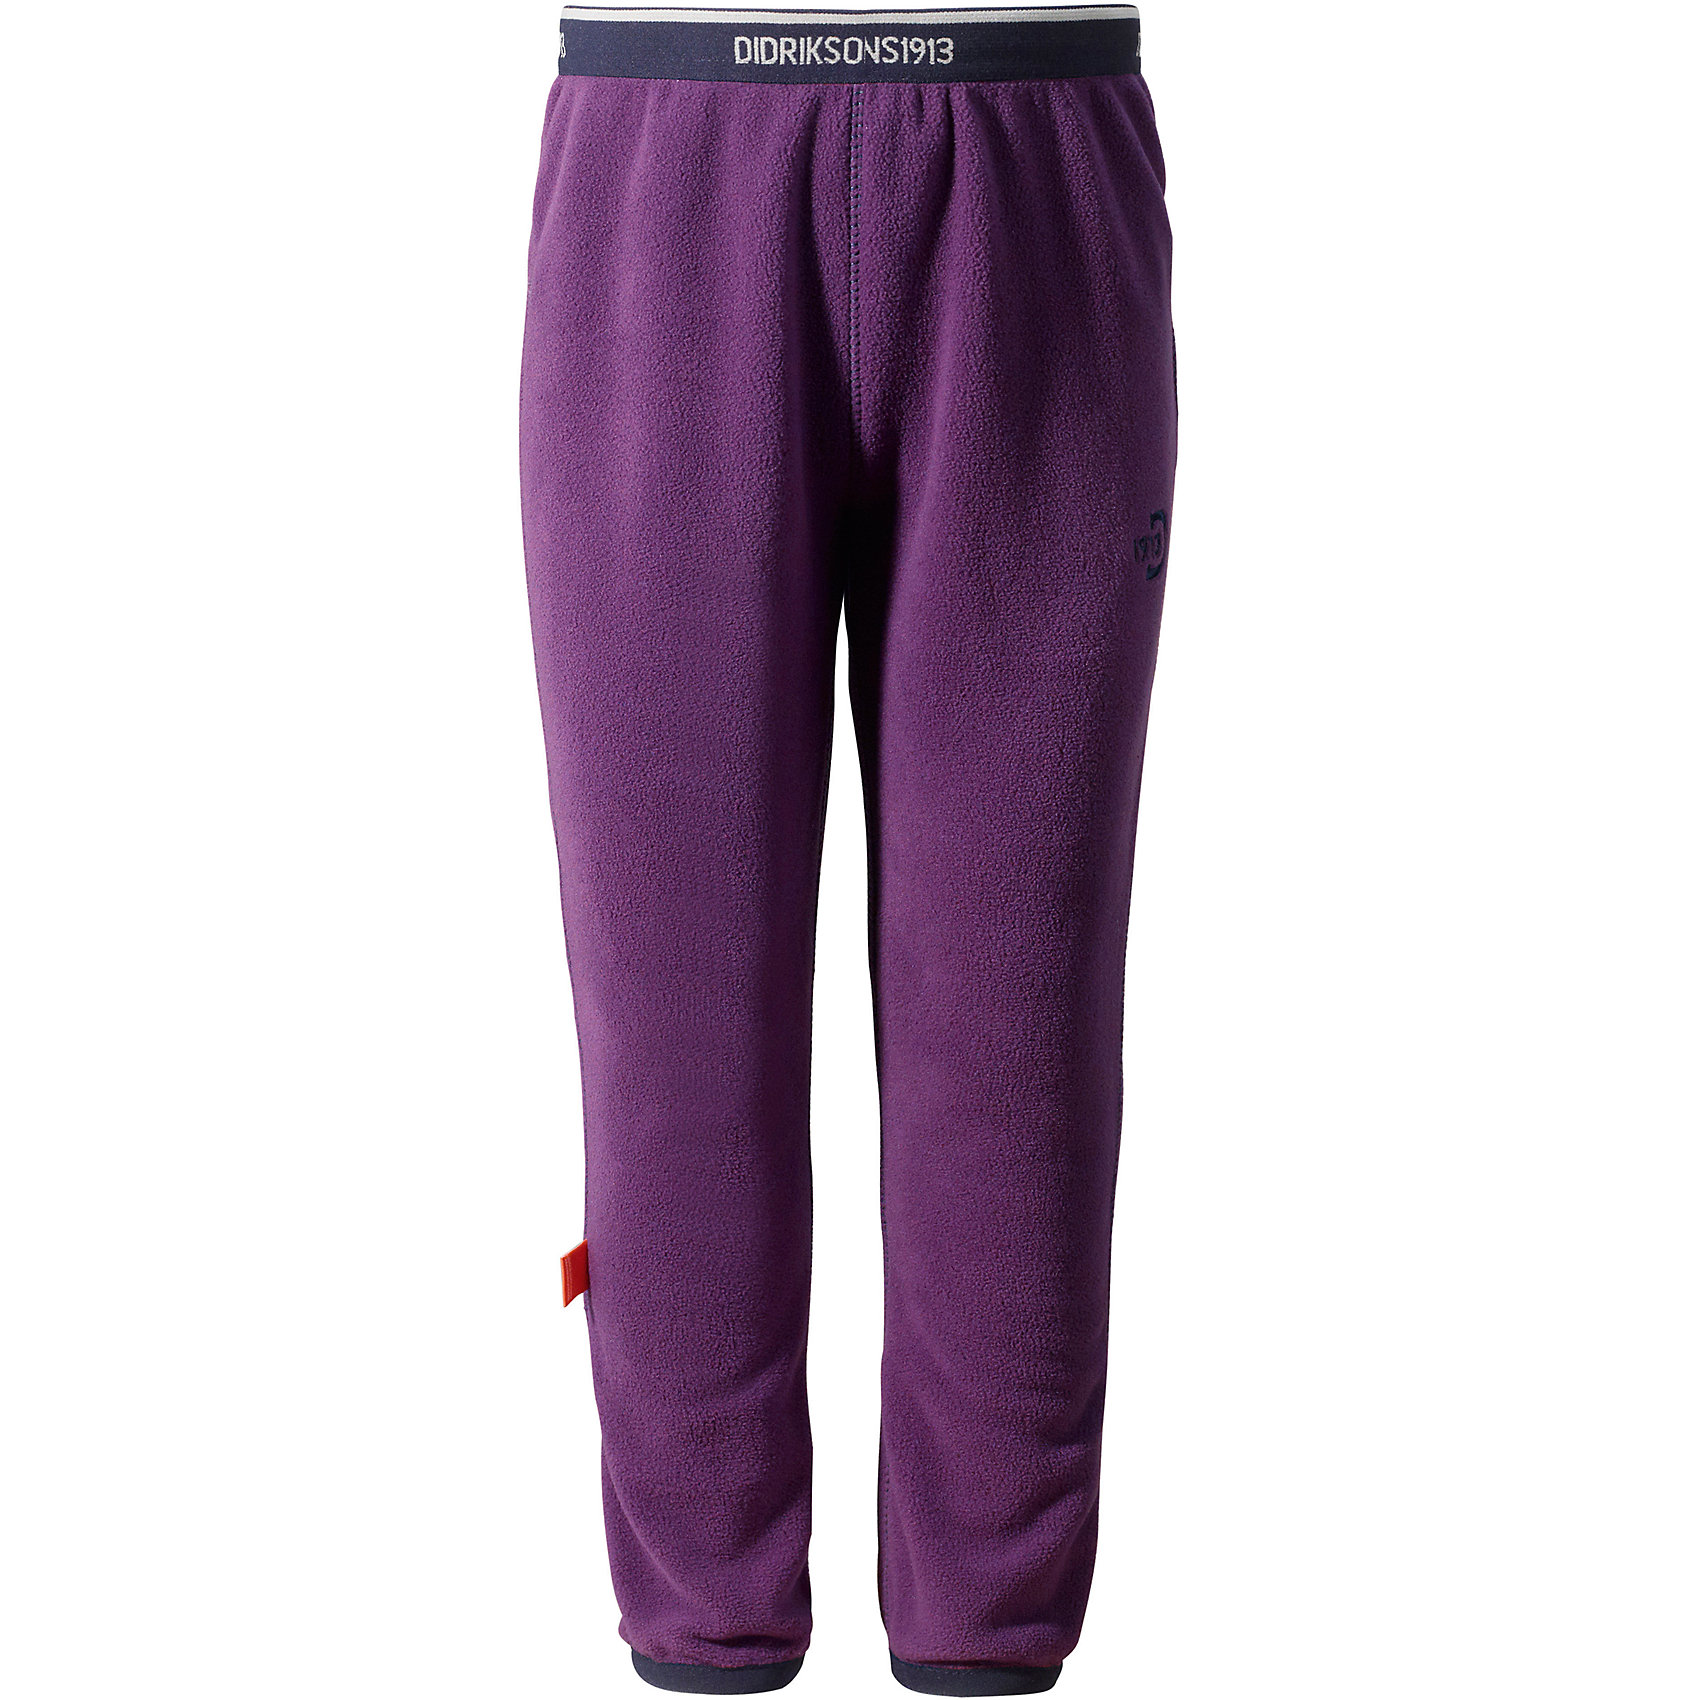 Брюки флисовые Monte Kids для девочки DIDRIKSONSХарактеристики товара:<br><br>• цвет: фиолетовый<br>• материал: 100% полиэстер<br>• флис<br>• резинка на поясе<br>• можно надевать под одежду<br>• страна бренда: Швеция<br>• страна производства: Китай<br><br>Такие мягкие брюки сейчас очень популярны у детей! Это не только стильно, но еще и очень комфортно, а также тепло. Качественные флисовые брюки обеспечат ребенку удобство при прогулках и активном отдыхе в прохладные дне, в межсезонье или зимой. Такая модель от шведского производителя легко стирается, подходит под разные погодные условия.<br>Модель сшита из качественной мягкой ткани, которая позволяет телу дышать, она очень приятна на ощупь. Очень стильная и удобная модель! Изделие качественно выполнено, сделано из безопасных для детей материалов. <br><br>Брюки для девочки от бренда DIDRIKSONS можно купить в нашем интернет-магазине.<br><br>Ширина мм: 215<br>Глубина мм: 88<br>Высота мм: 191<br>Вес г: 336<br>Цвет: красный<br>Возраст от месяцев: 12<br>Возраст до месяцев: 15<br>Пол: Женский<br>Возраст: Детский<br>Размер: 80,120,90,100,110<br>SKU: 5003915